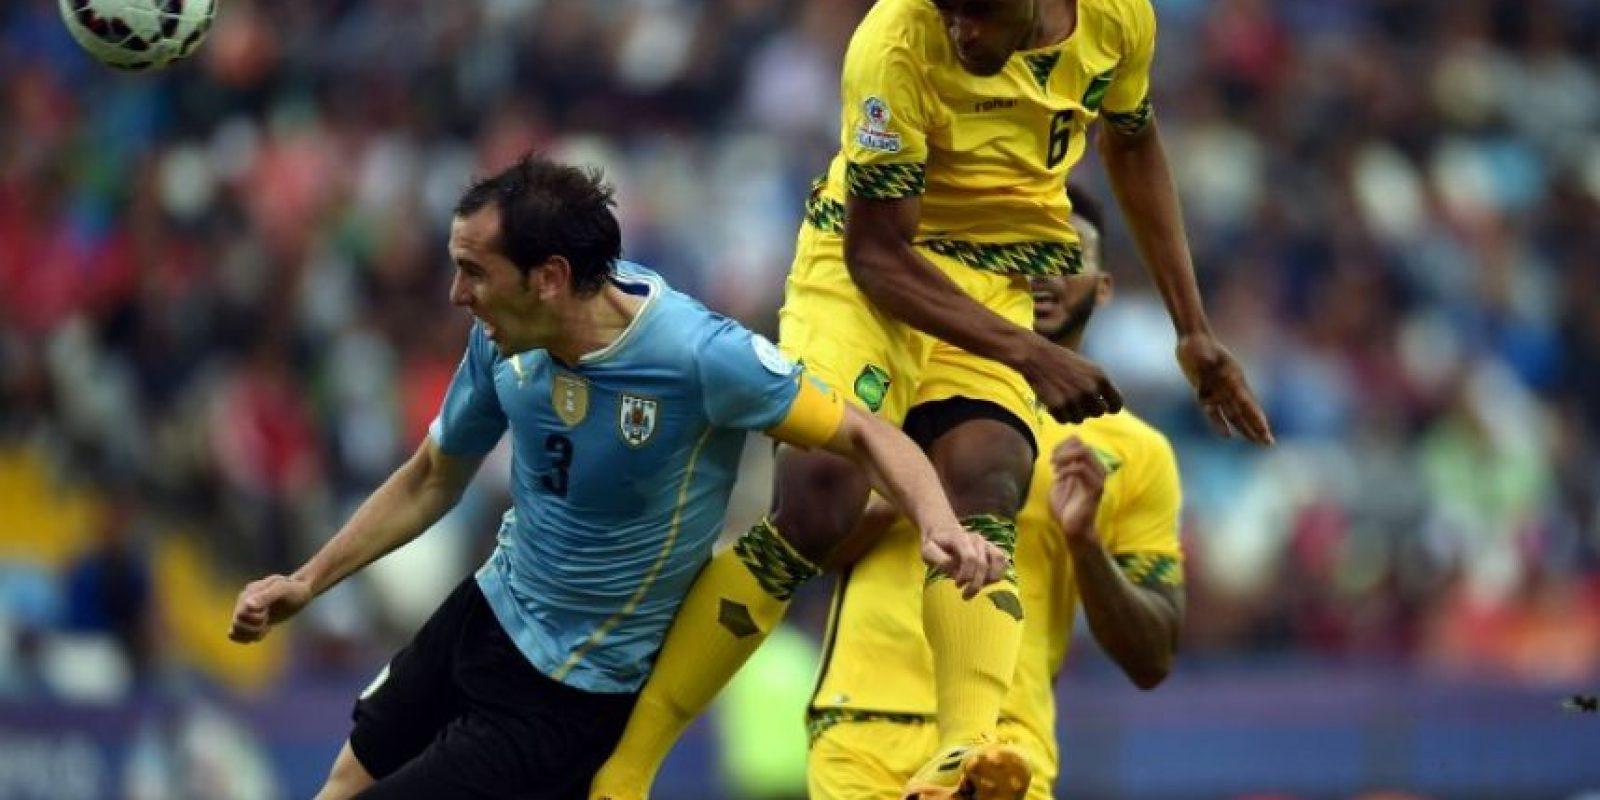 No ha sumado puntos en el torneo Foto:AFP